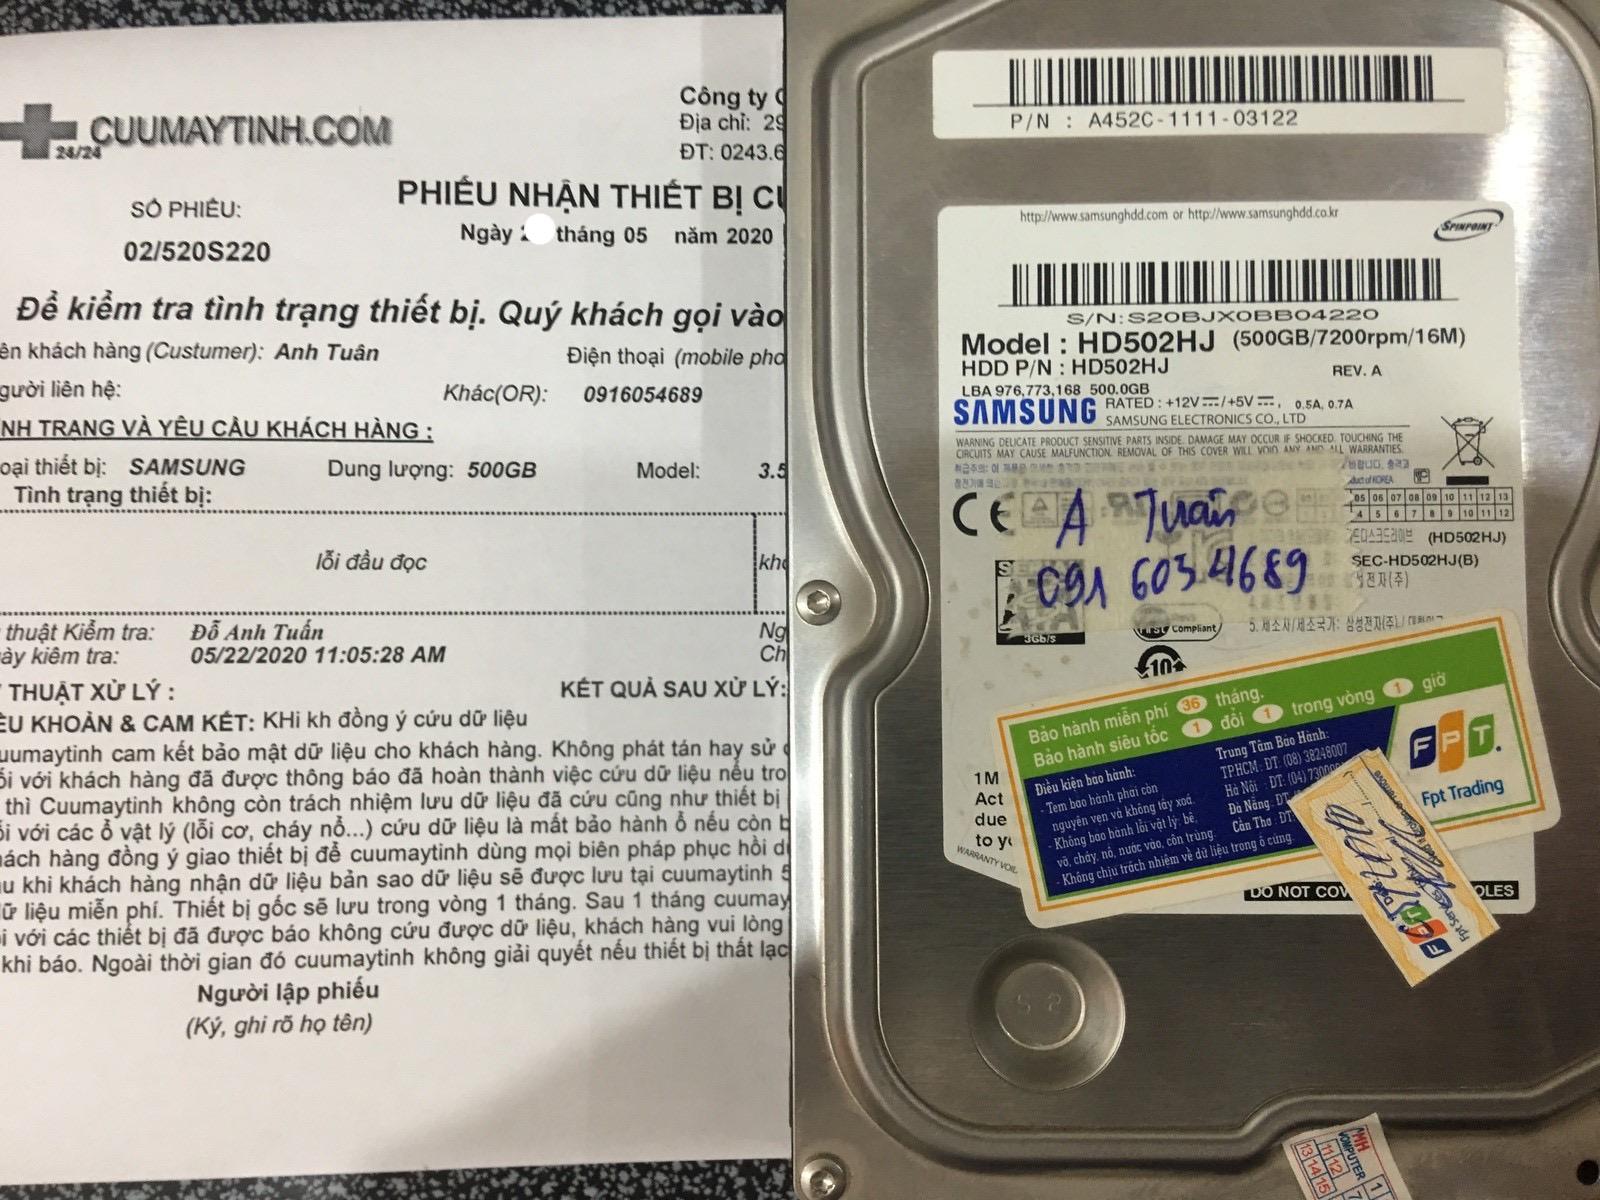 Phục hồi dữ liệu ổ cứng Samsung 500GB lỗi đầu đọc 29/05/2020 - cuumaytinh